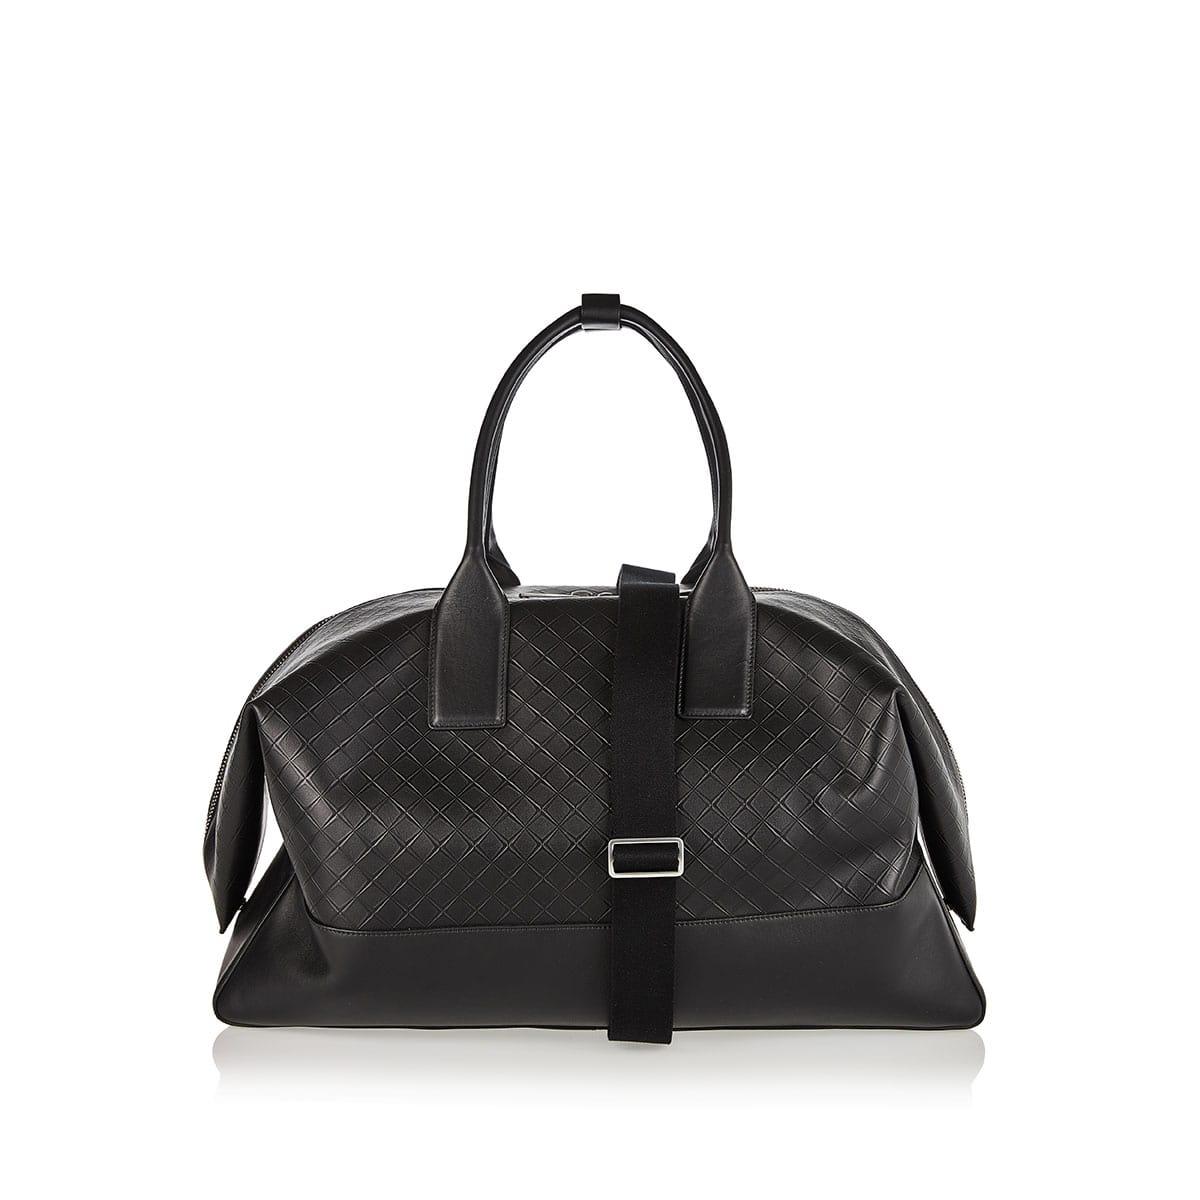 Embossed-leather weekend bag